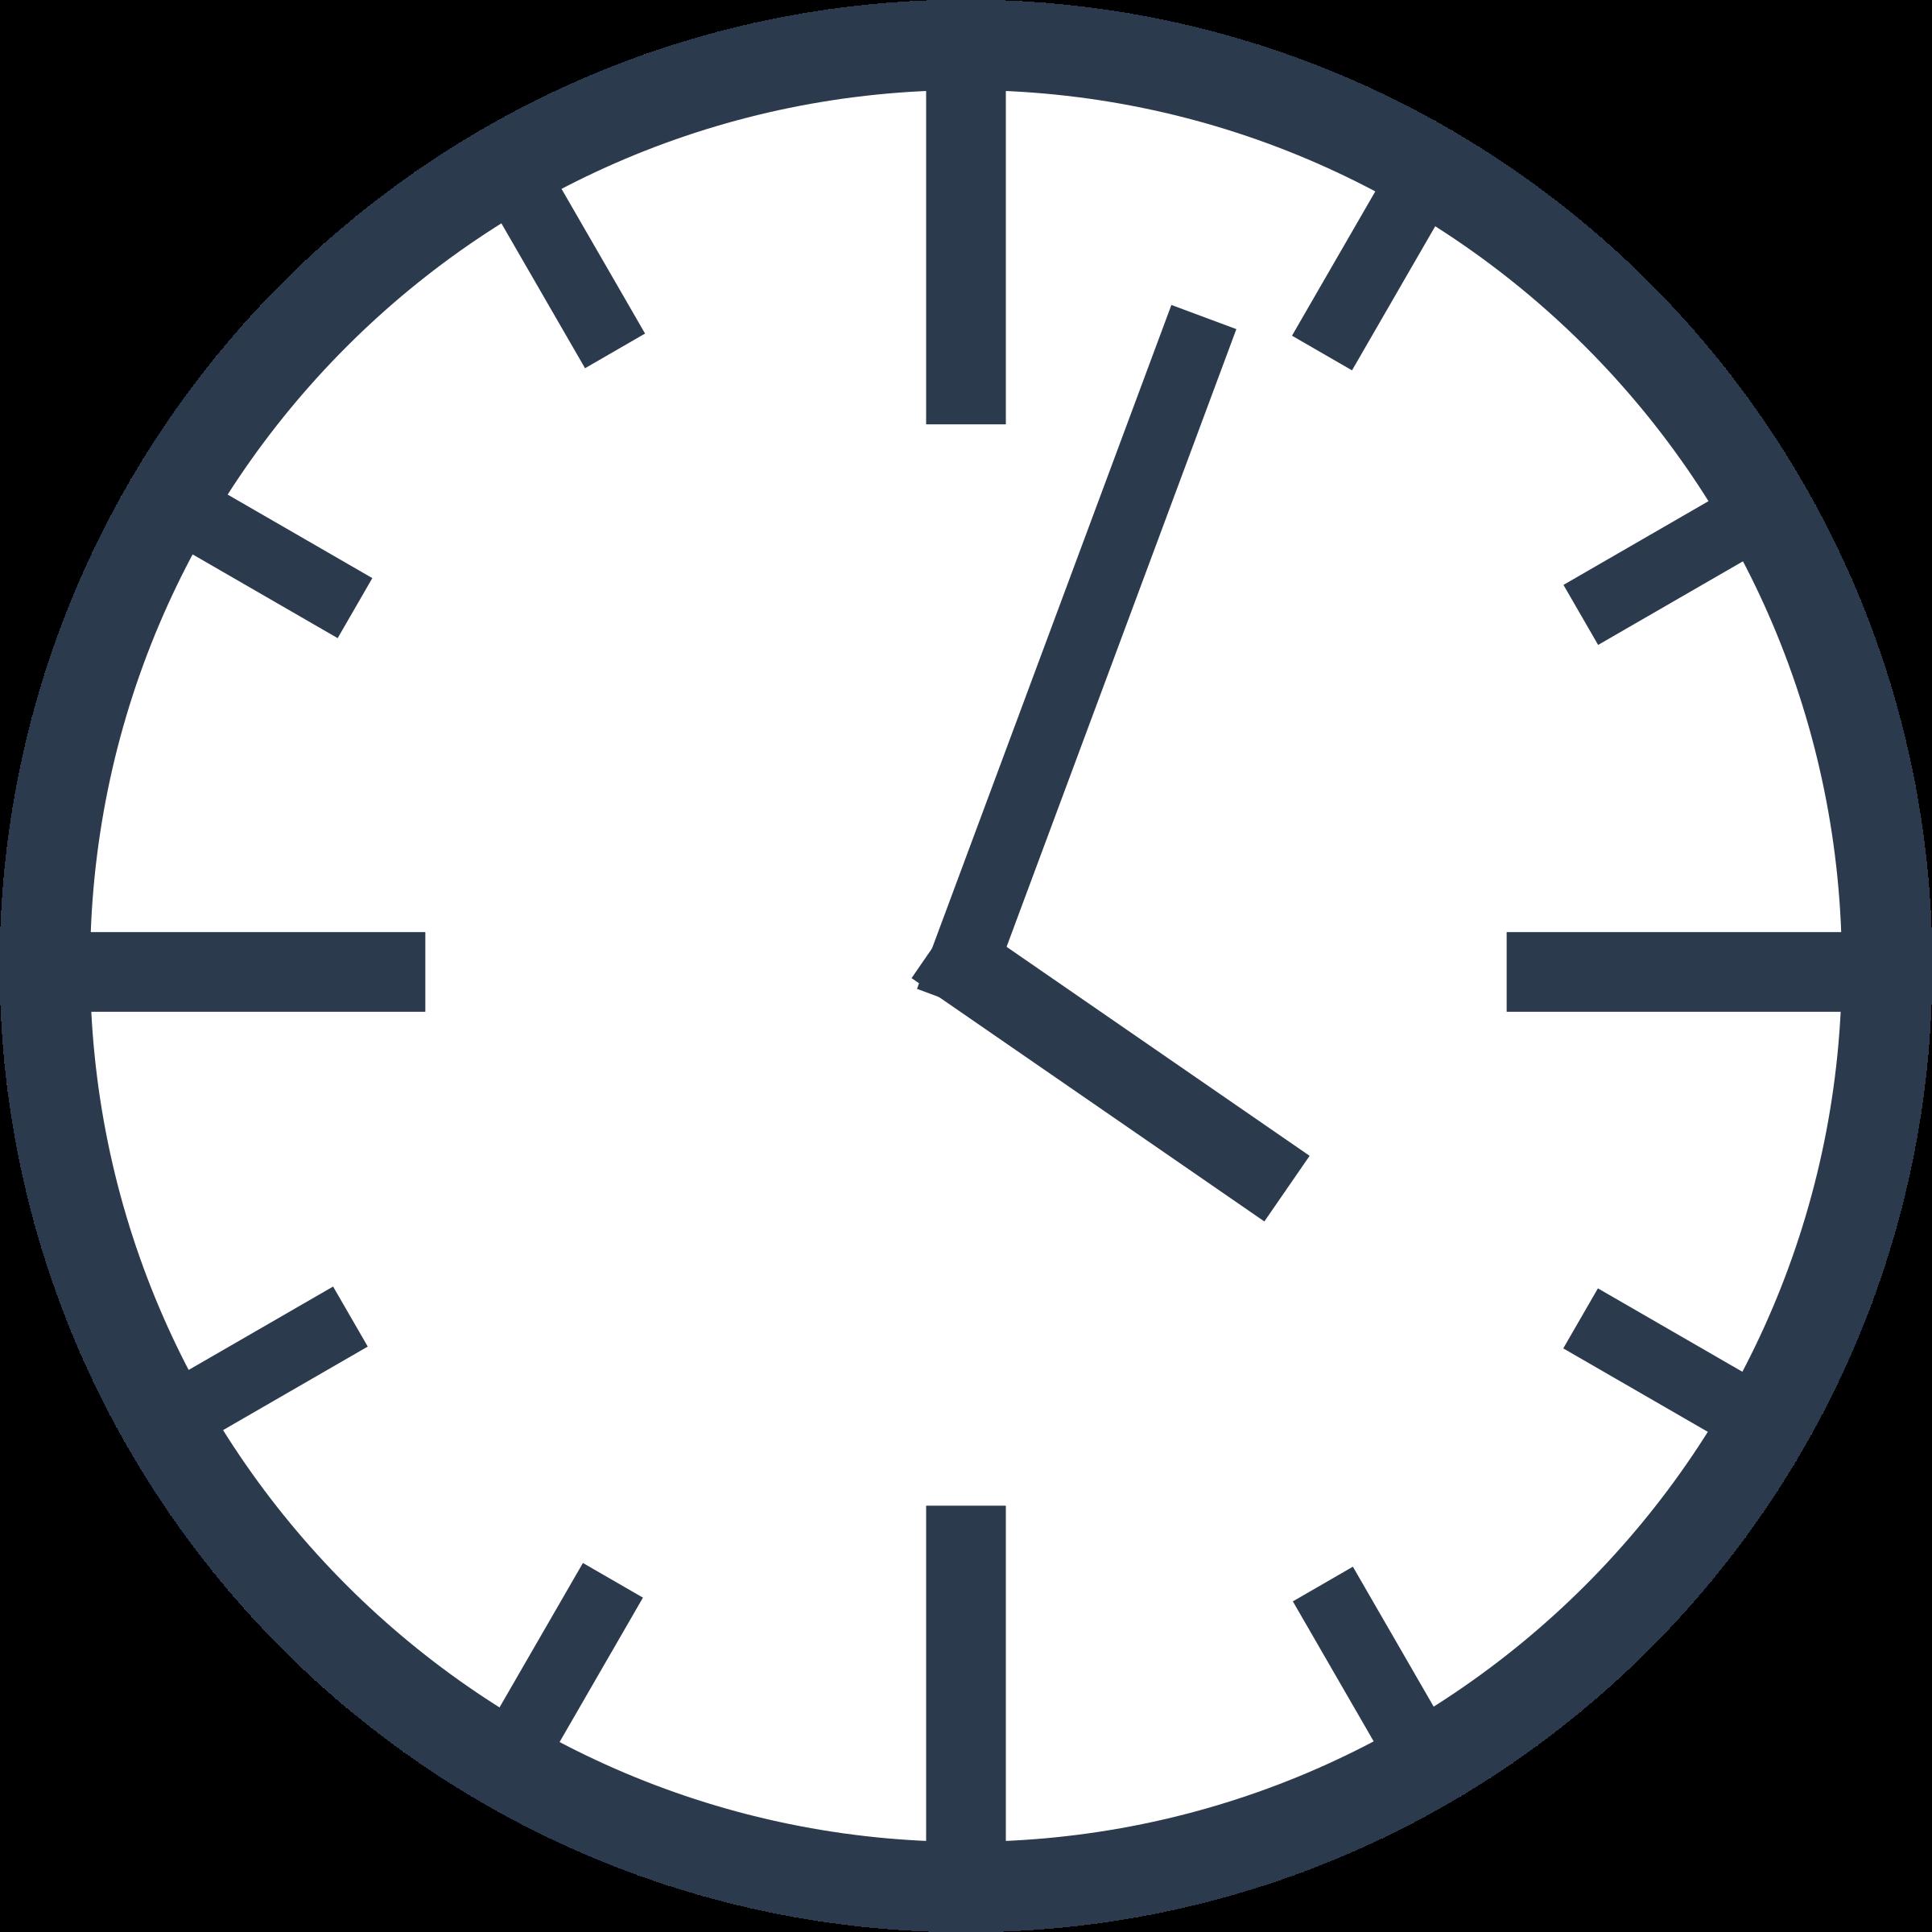 Clipart simple clock - Clock Clipart PNG